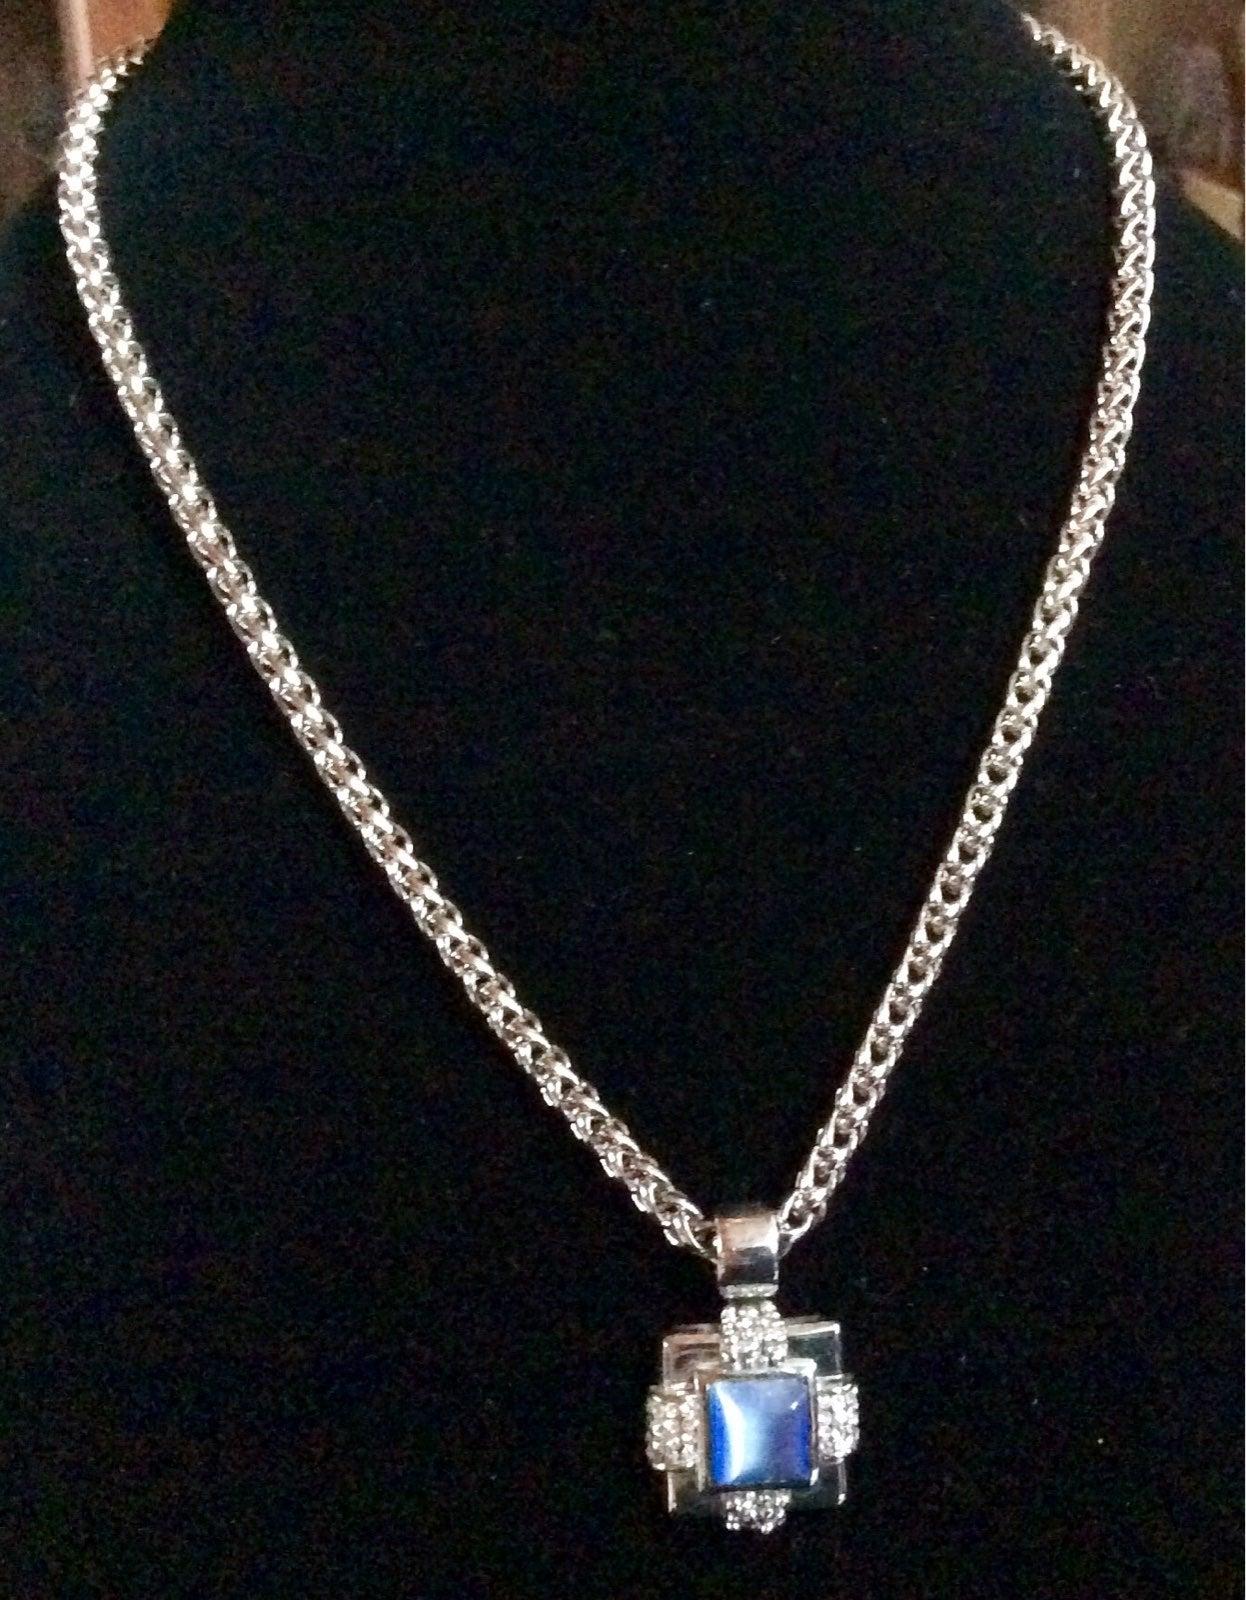 Avenue brand silver tone necklace,pendan